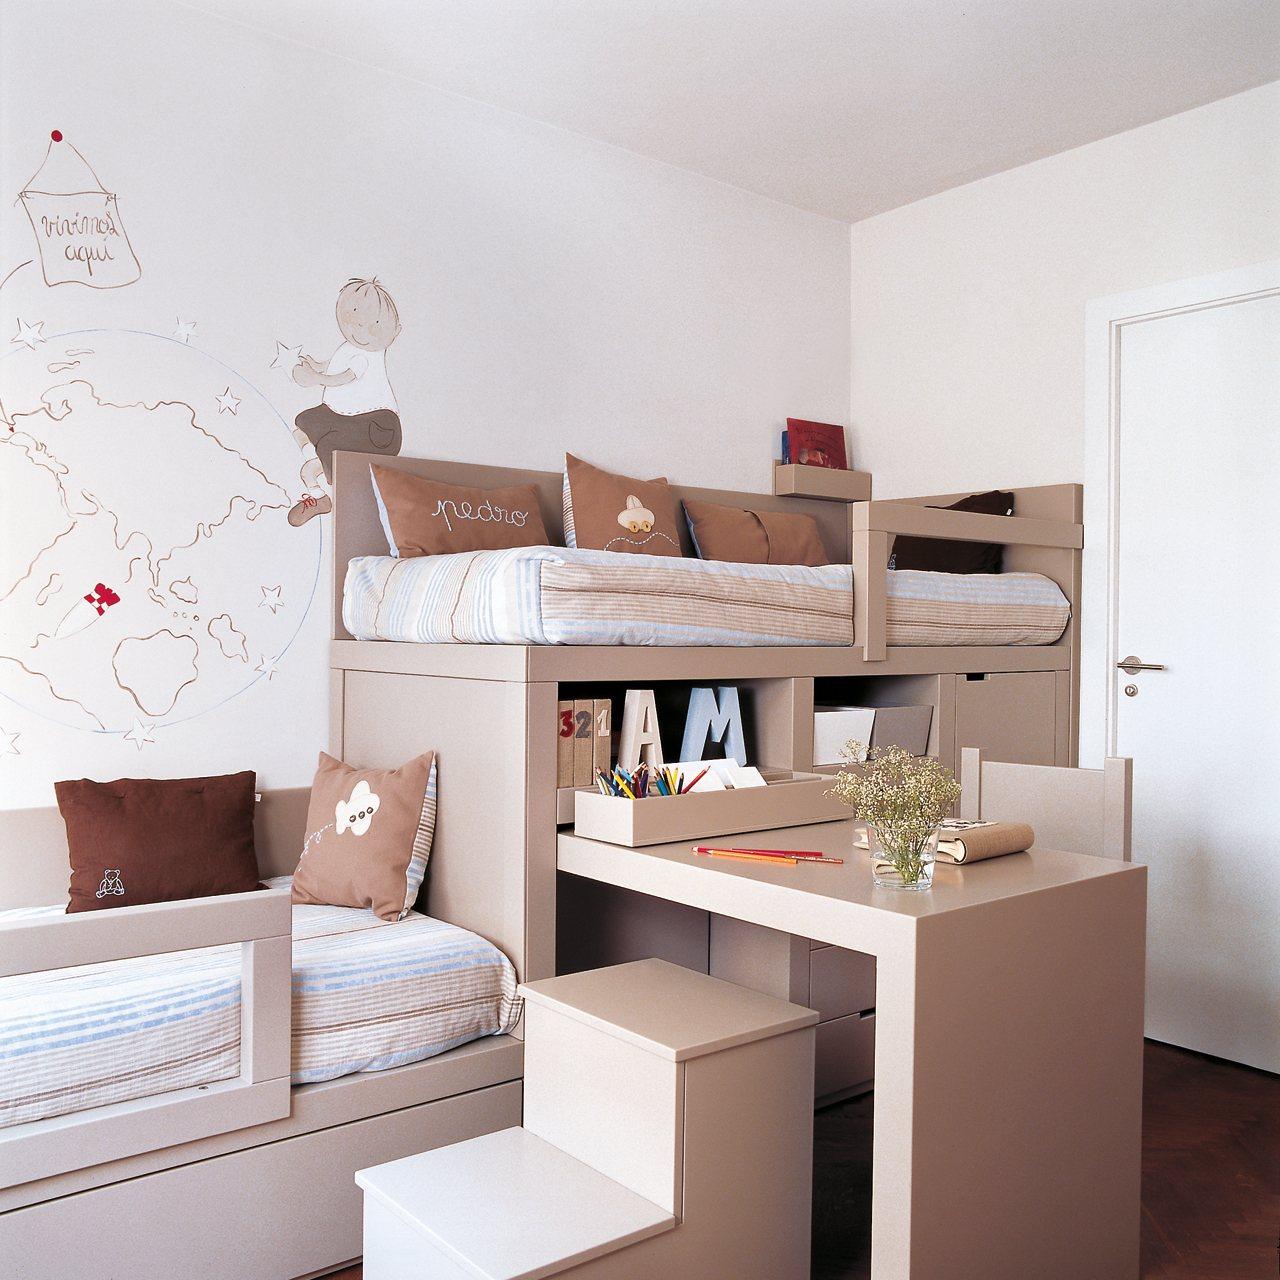 Dormitorios infantiles peque os s cales partido - Dormitorios infantiles dos camas ...